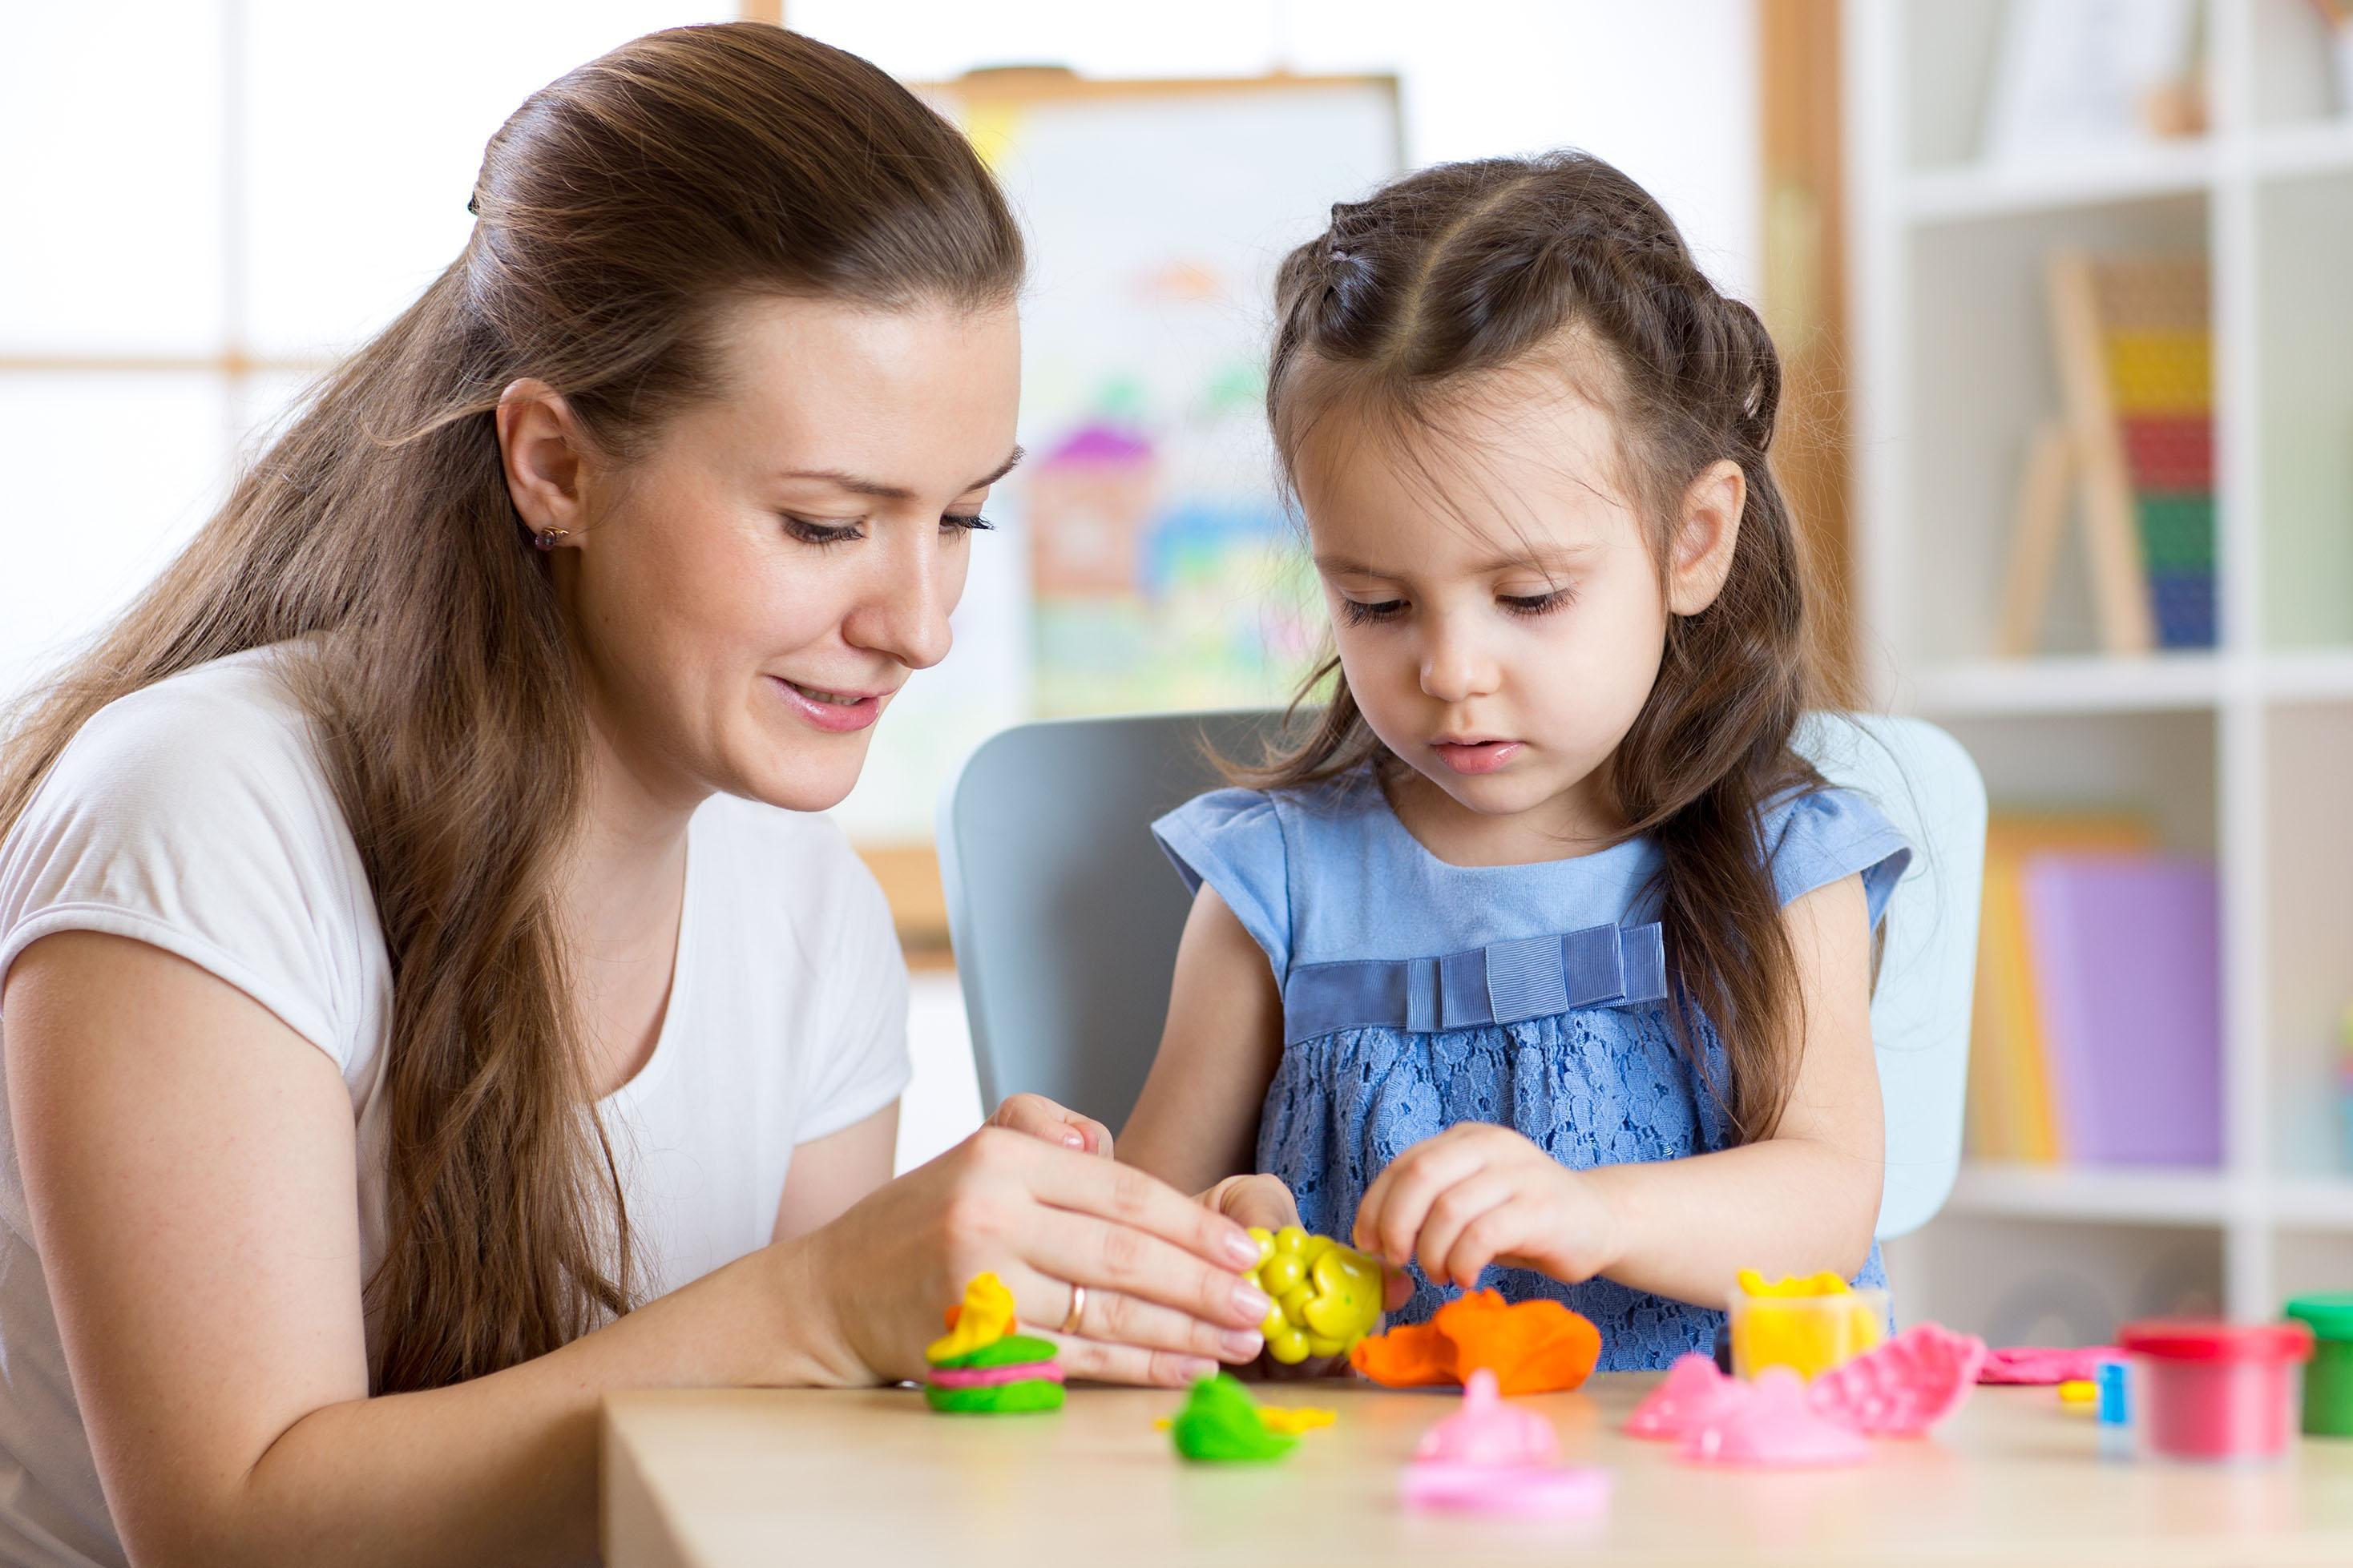 Kuinka saada lastenhoitajan ensimmäinen päivä menemään mahdollisimman hyvin